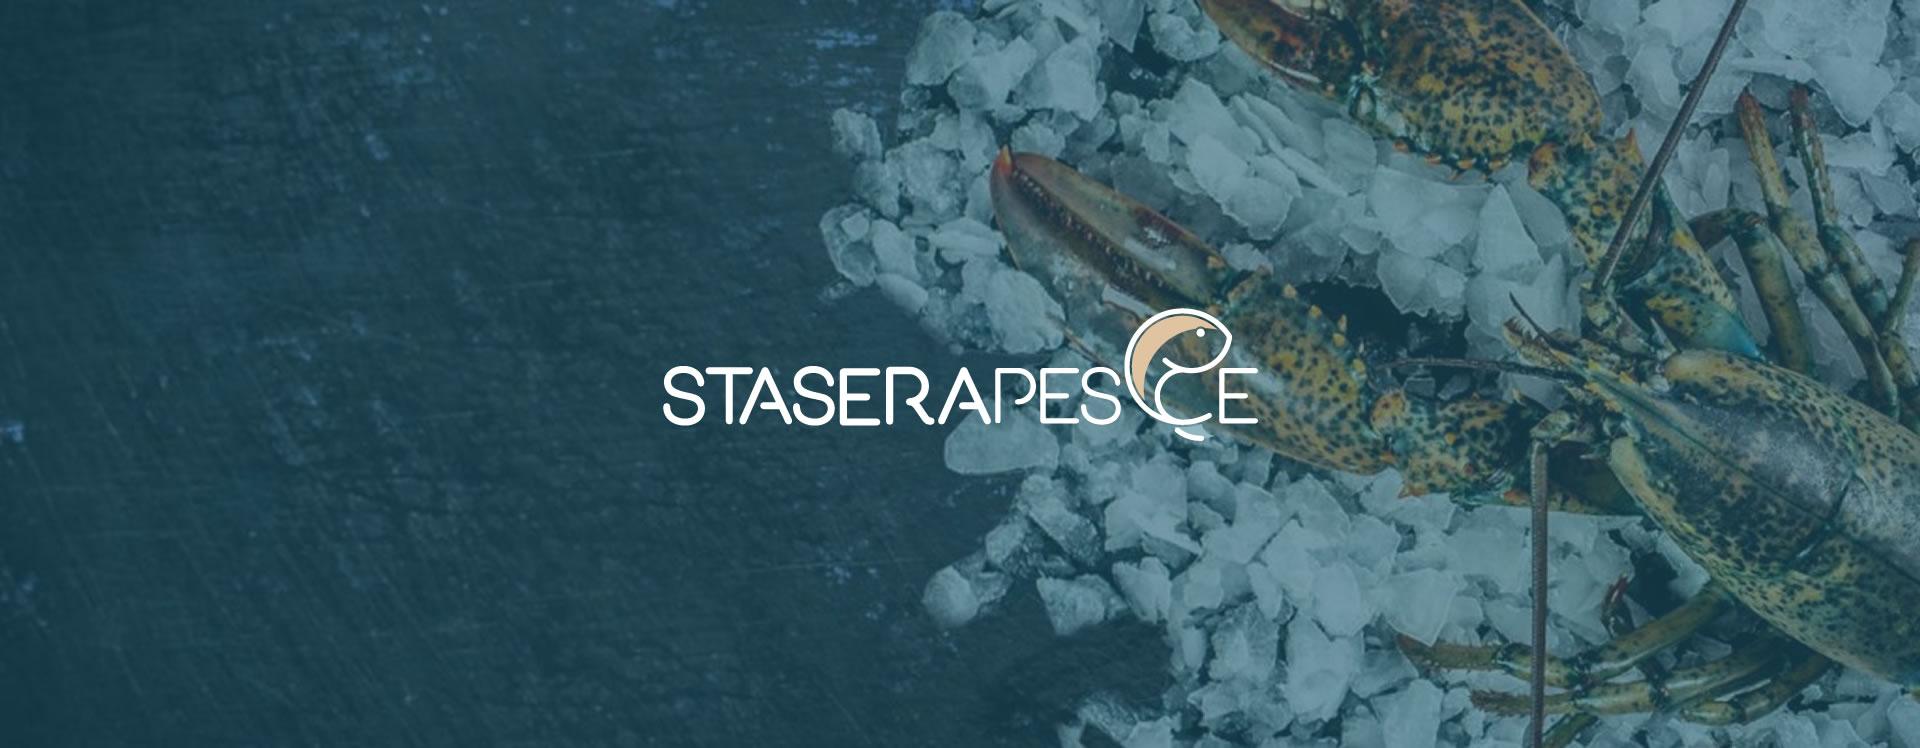 Ecommerce pesce fresco consegna a domicilio Gallarate varese StaseraPesce